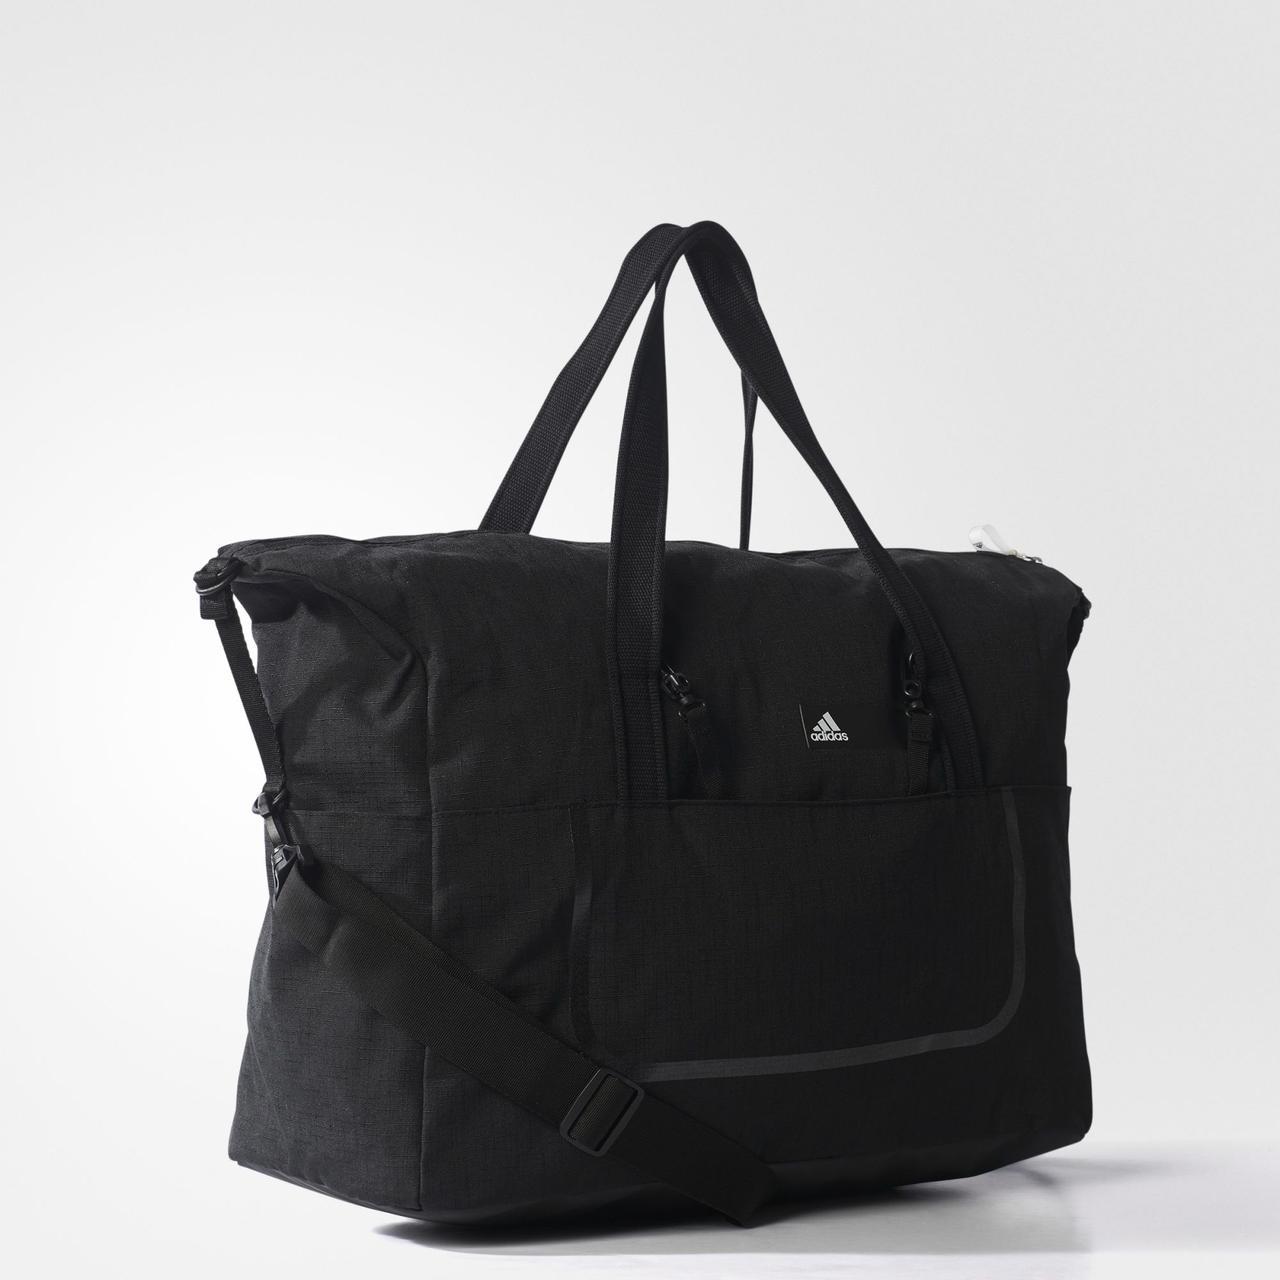 f1a85f42 Спортивная сумка Adidas Team Bag S99730: продажа, цена в Харькове ...